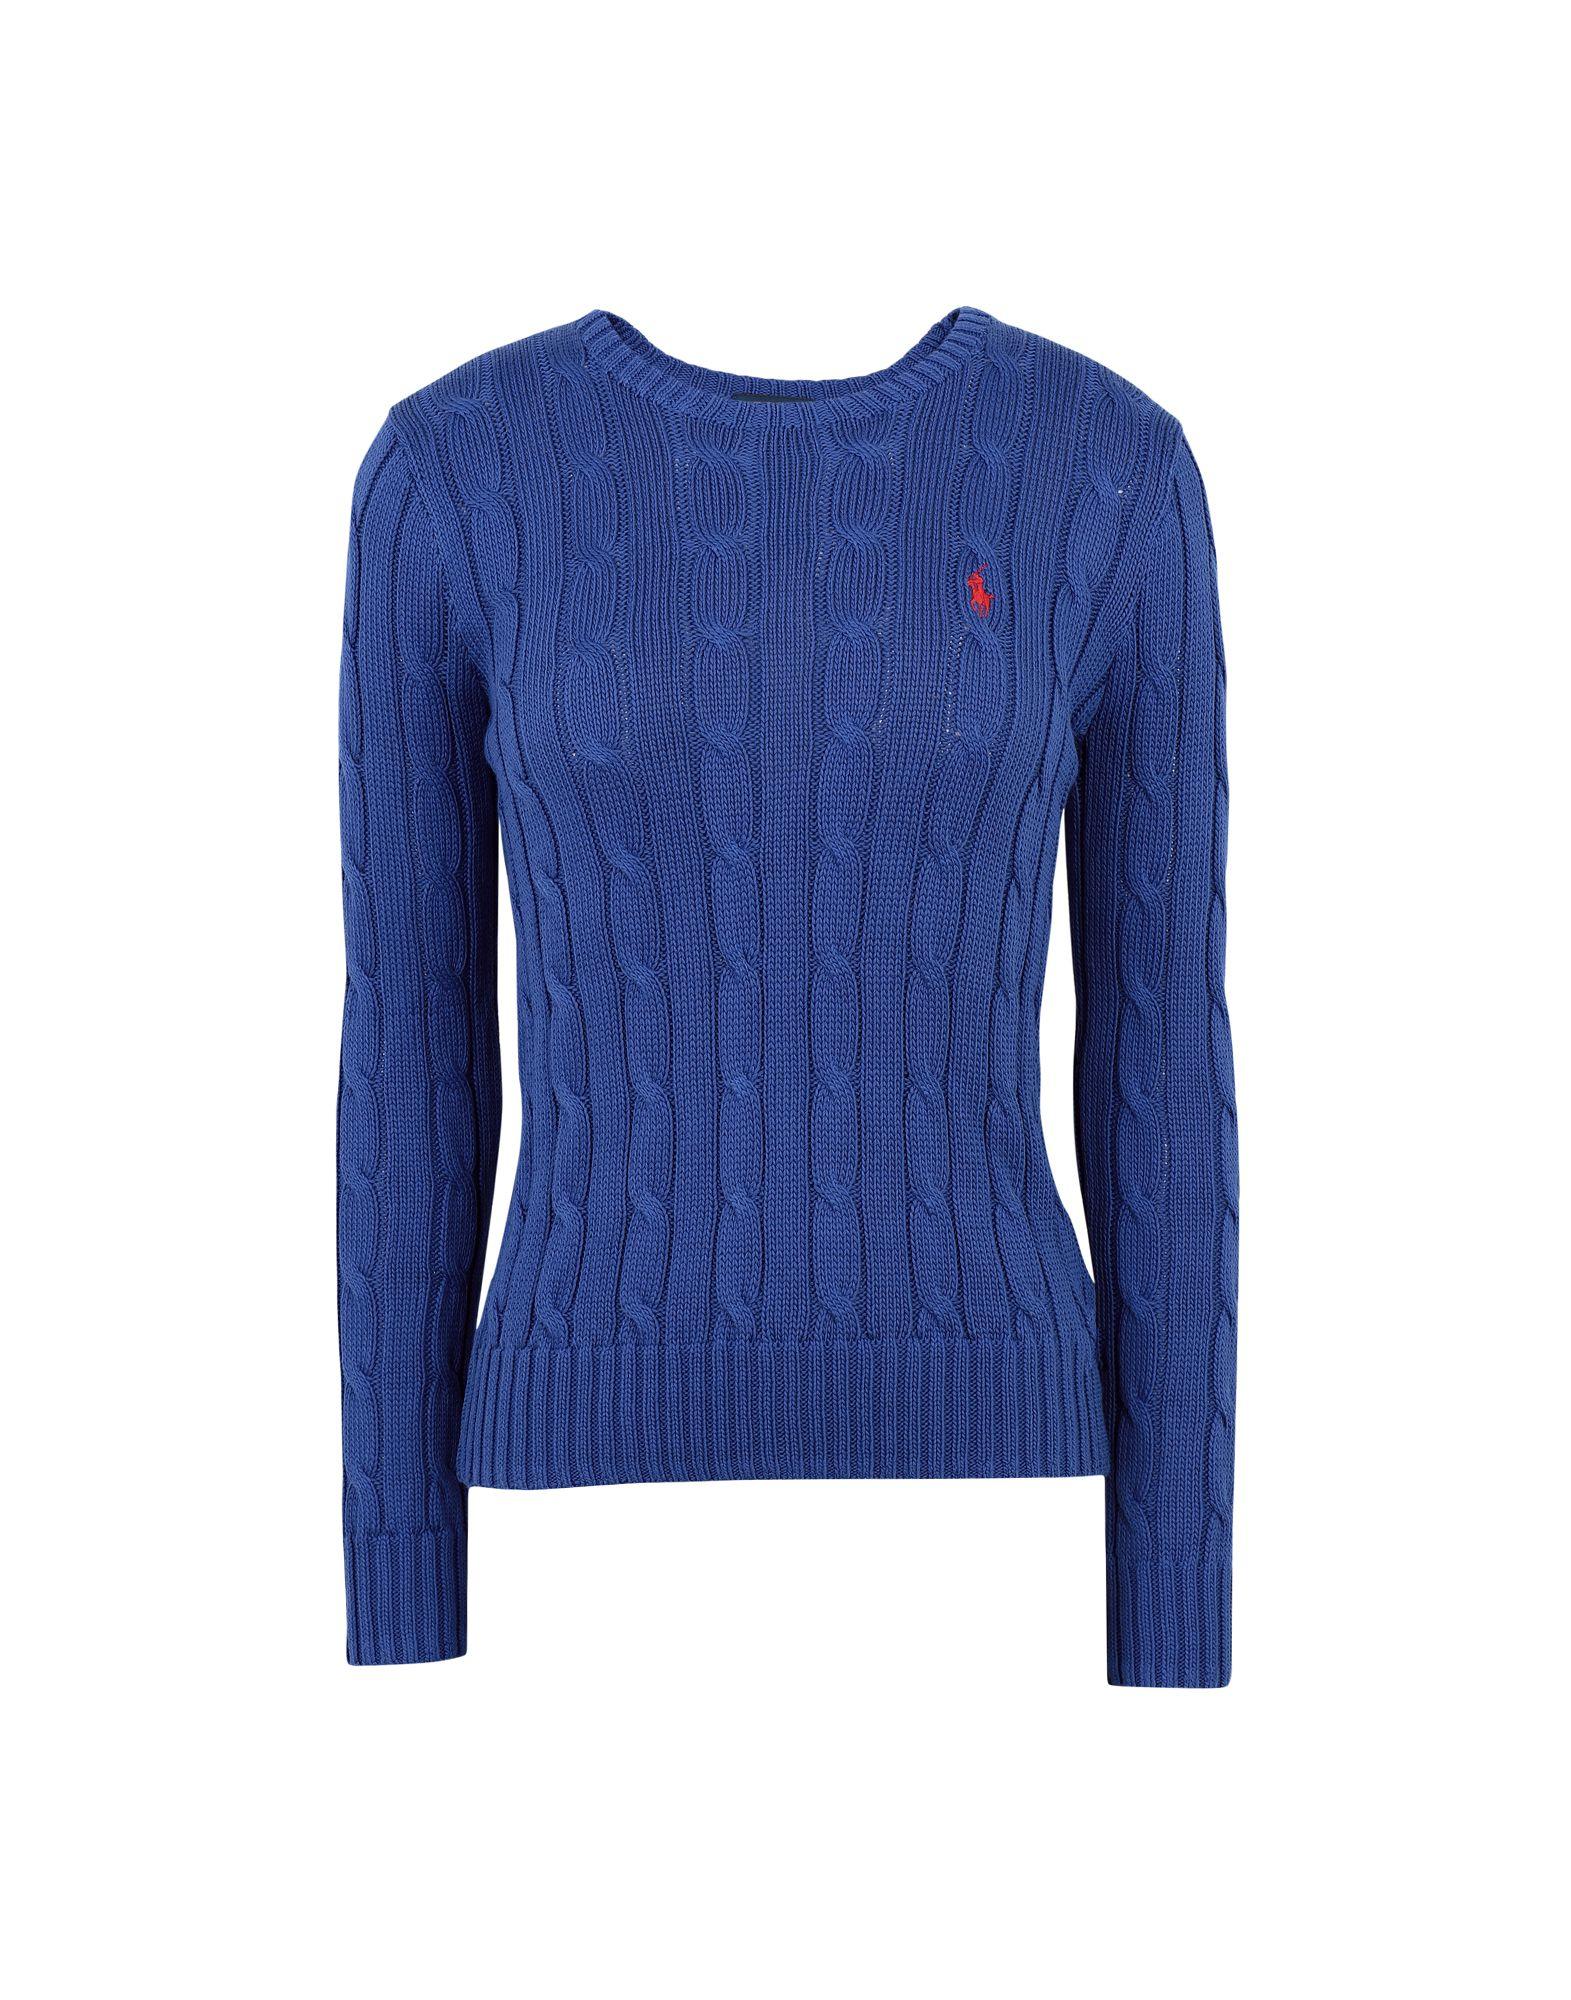 《送料無料》POLO RALPH LAUREN レディース プルオーバー ブライトブルー XS ピマコットン 100% Cable Knit Cotton Sweater